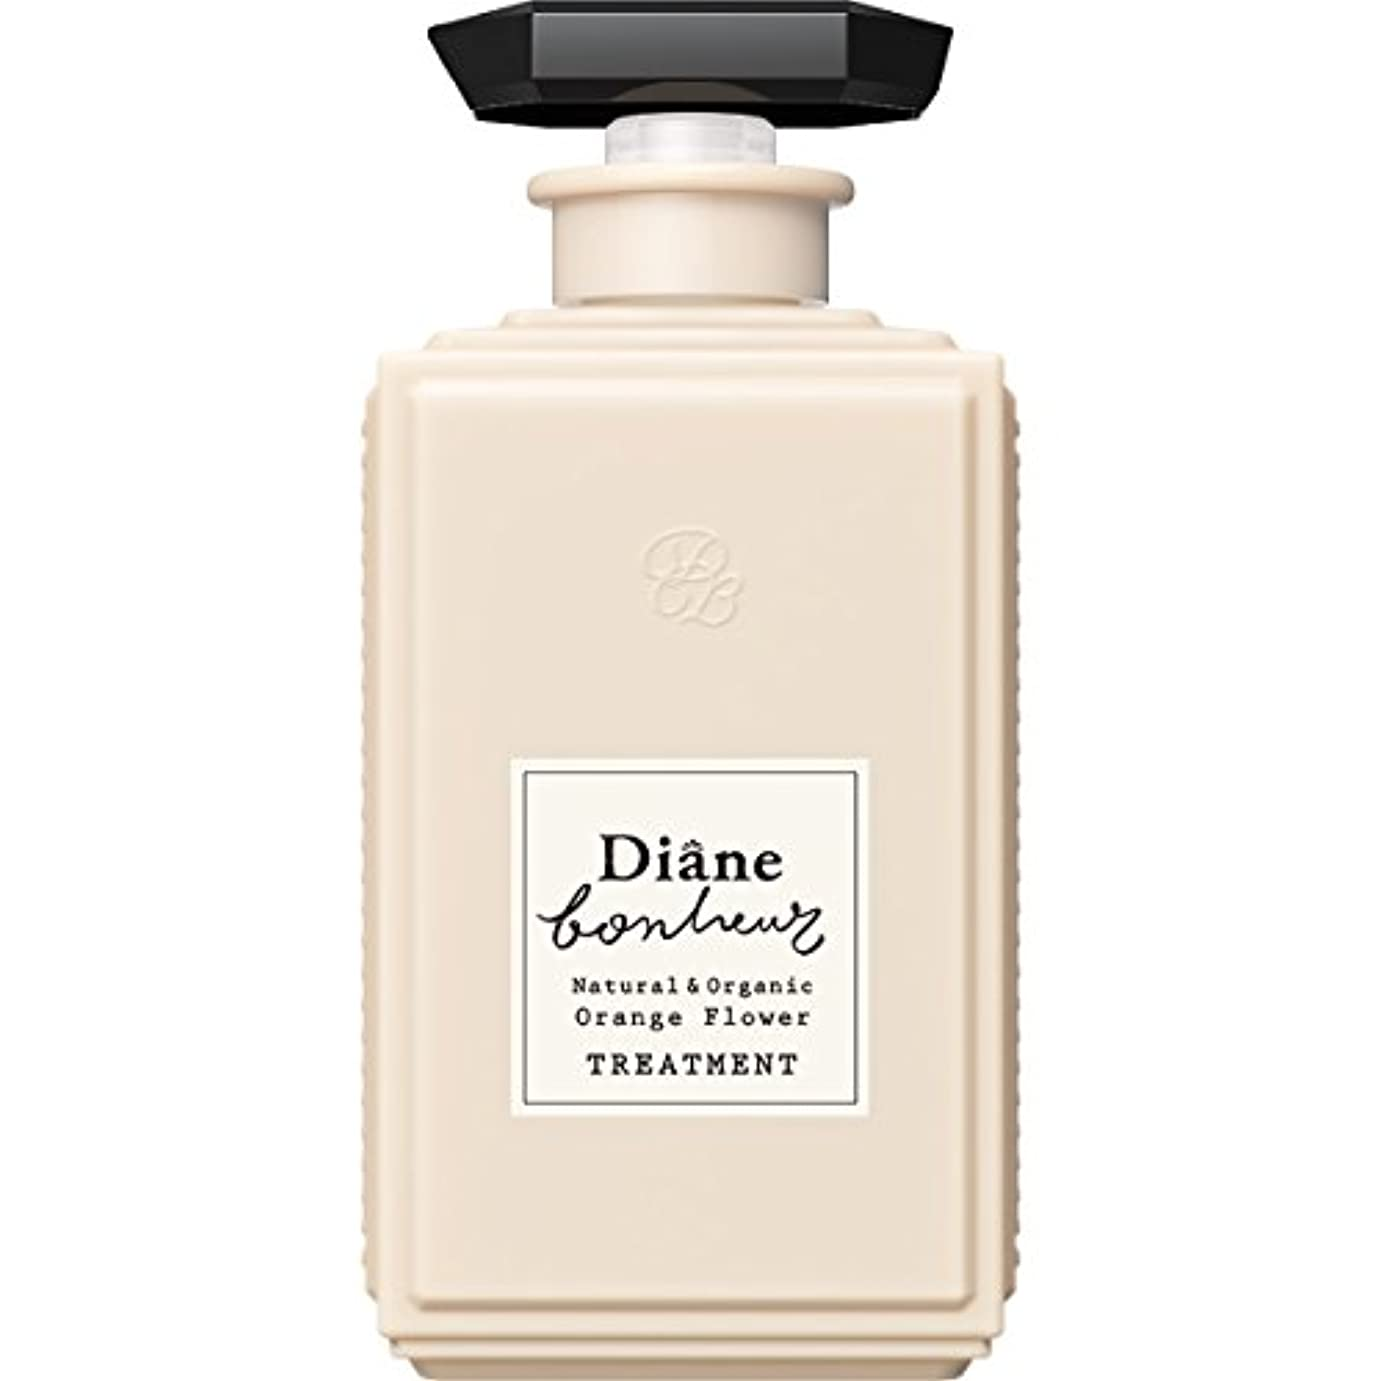 ダイアン ボヌール オレンジフラワーの香り モイストリラックス トリートメント 500ml